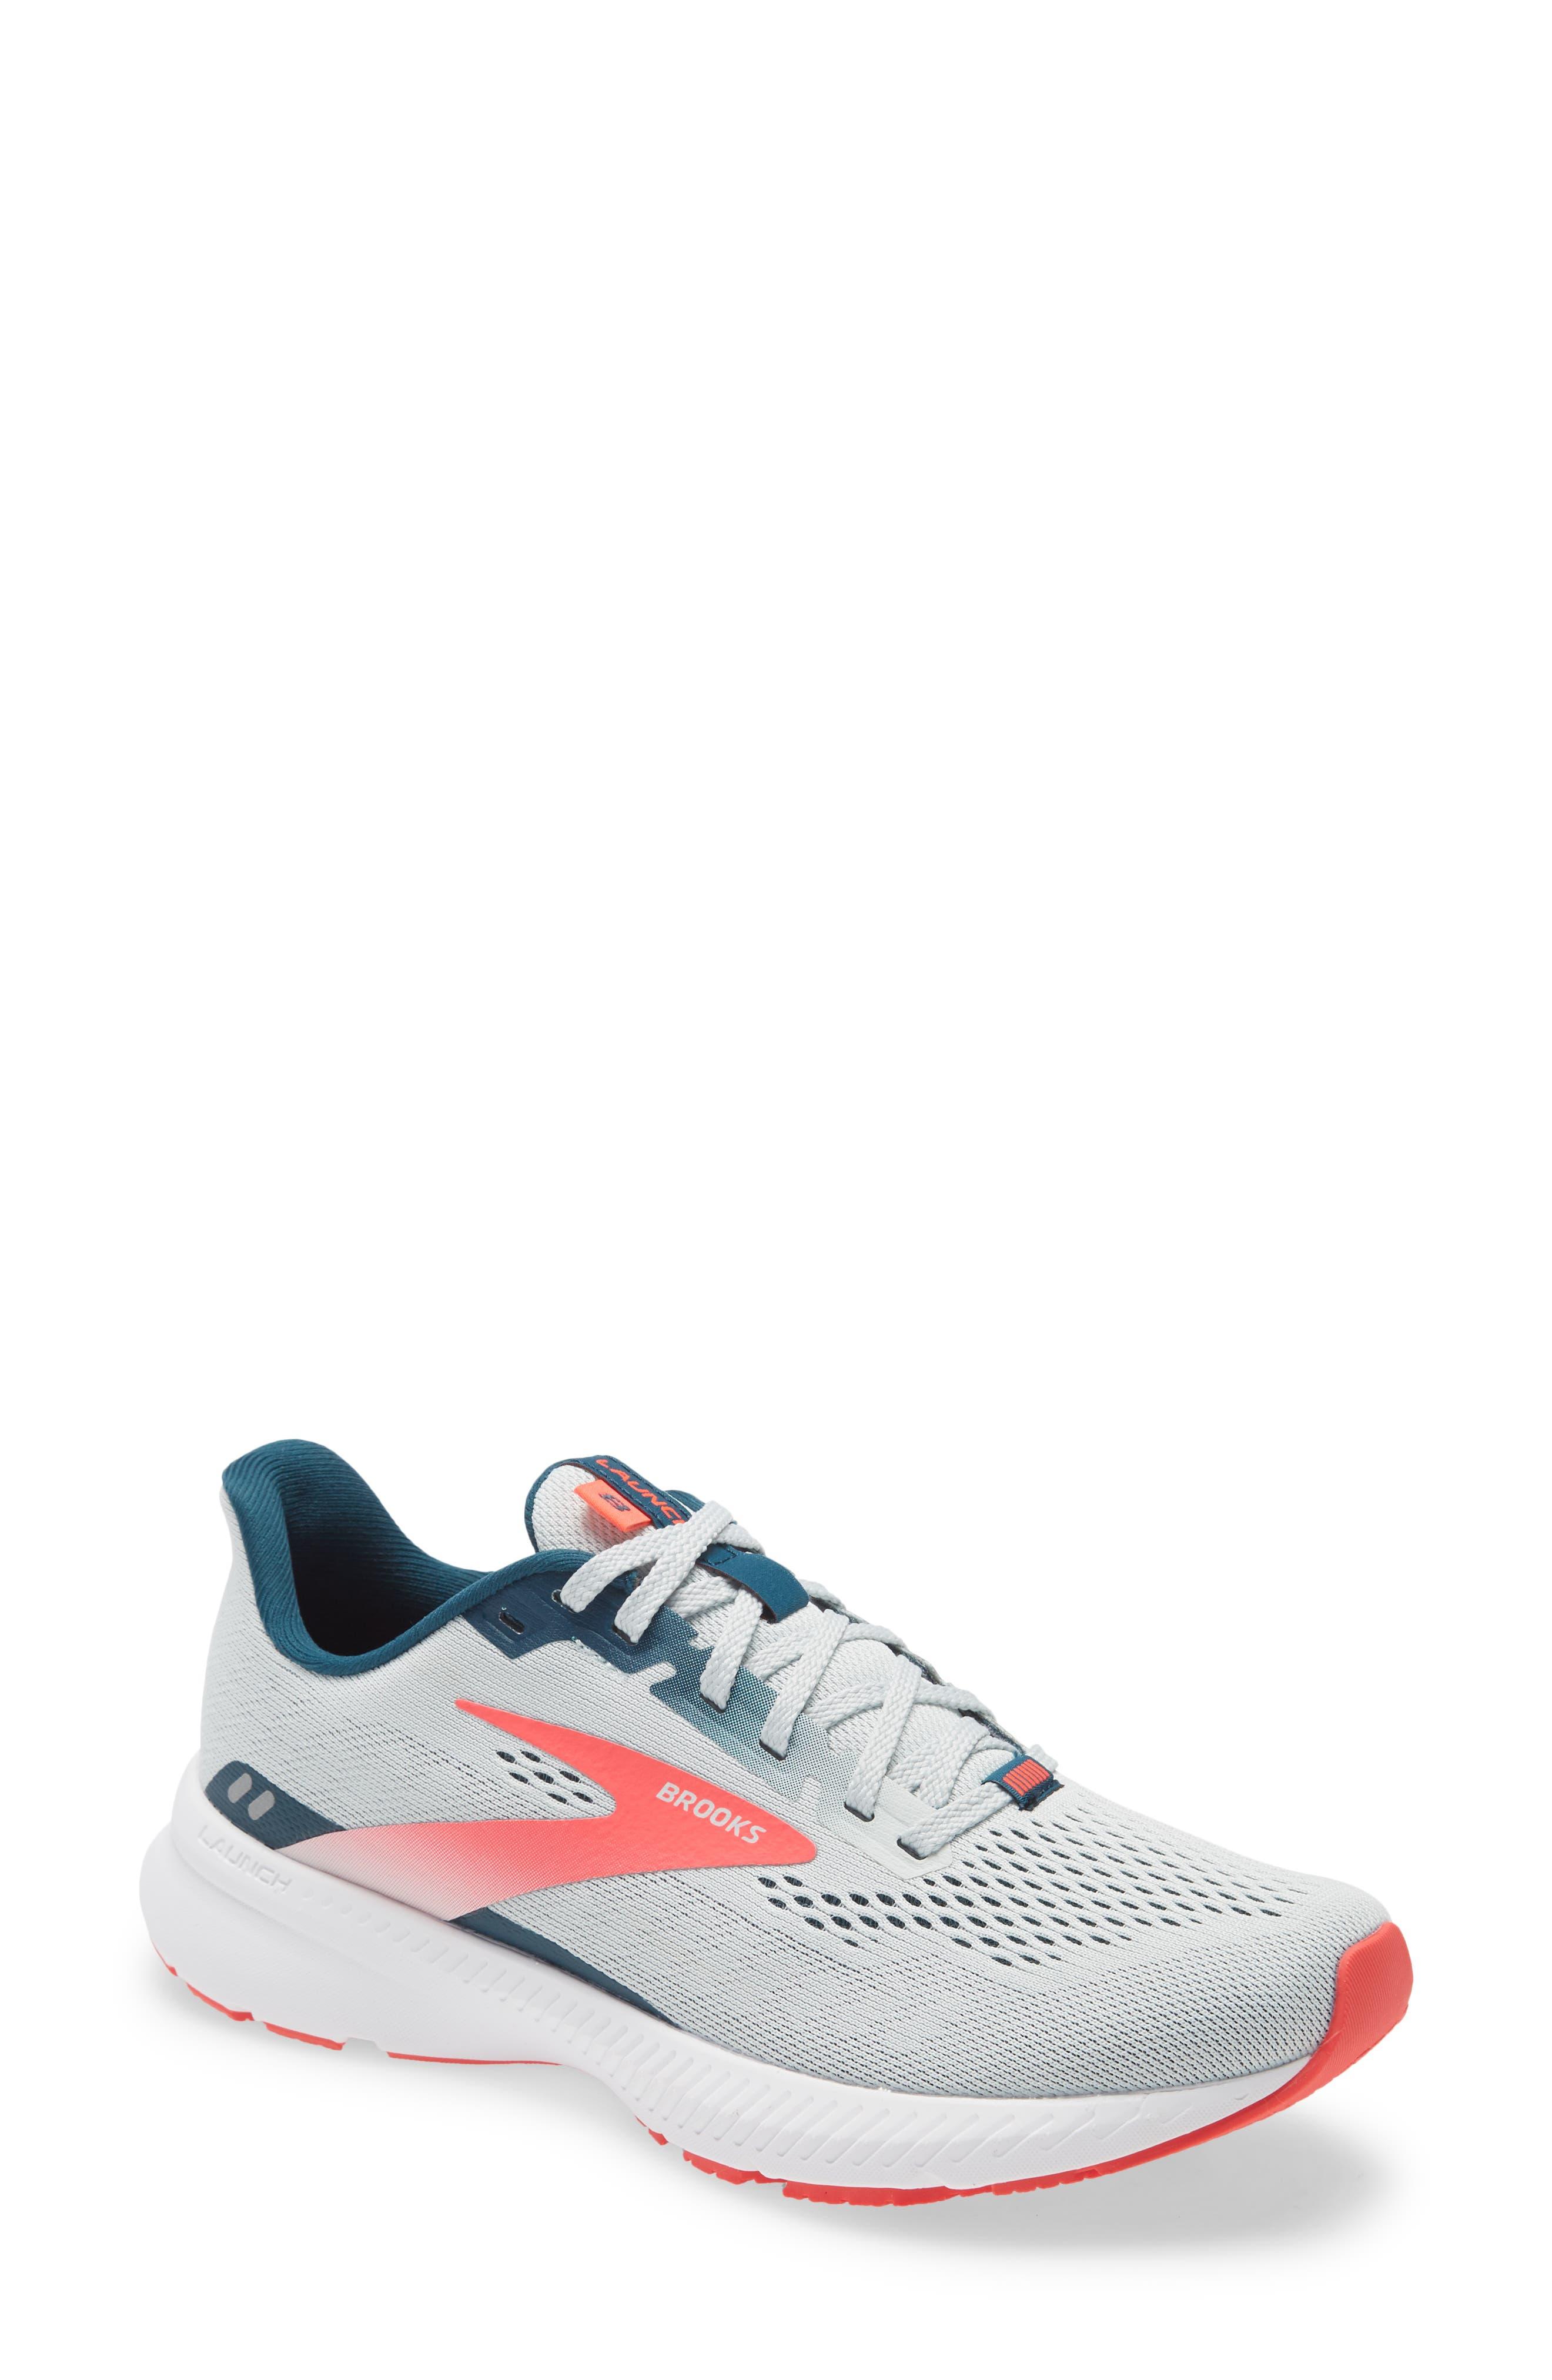 Launch 8 Running Shoe